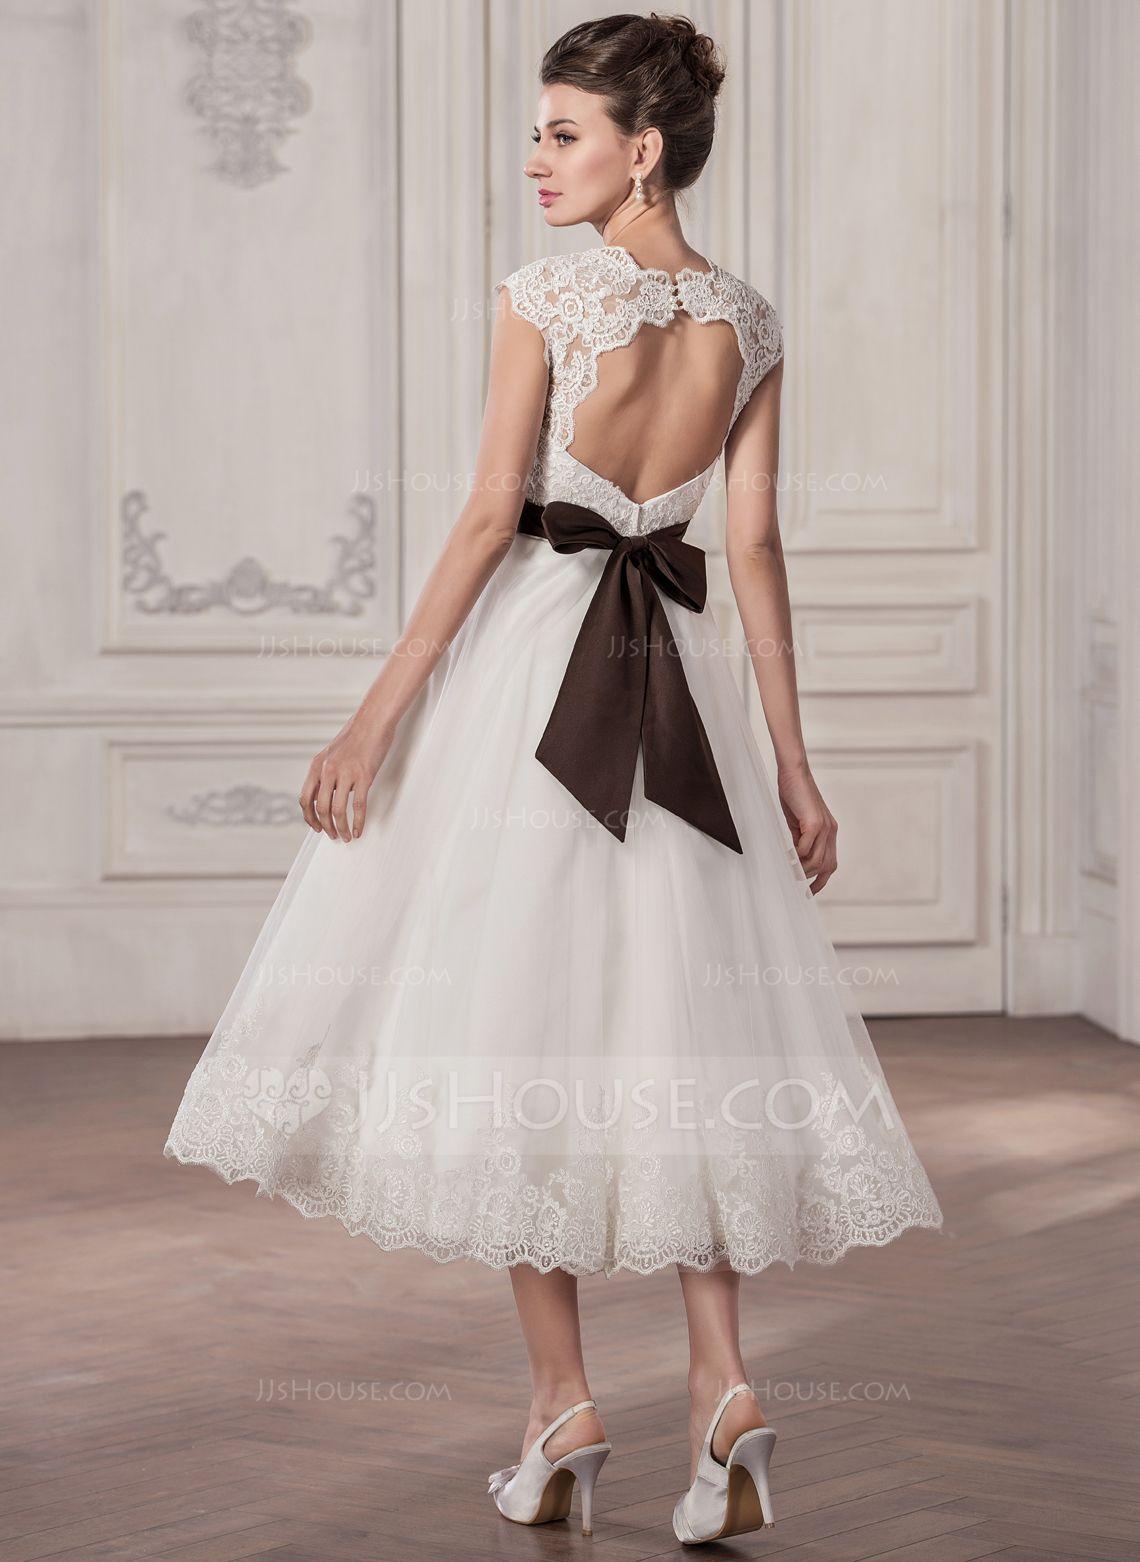 1b578040ecbf A-linjeformat Hjärtformad Tea-lång Satäng Tyll Spetsar Bröllopsklänning med  Skärpband Rosett/-er (002058808) - JJsHouse